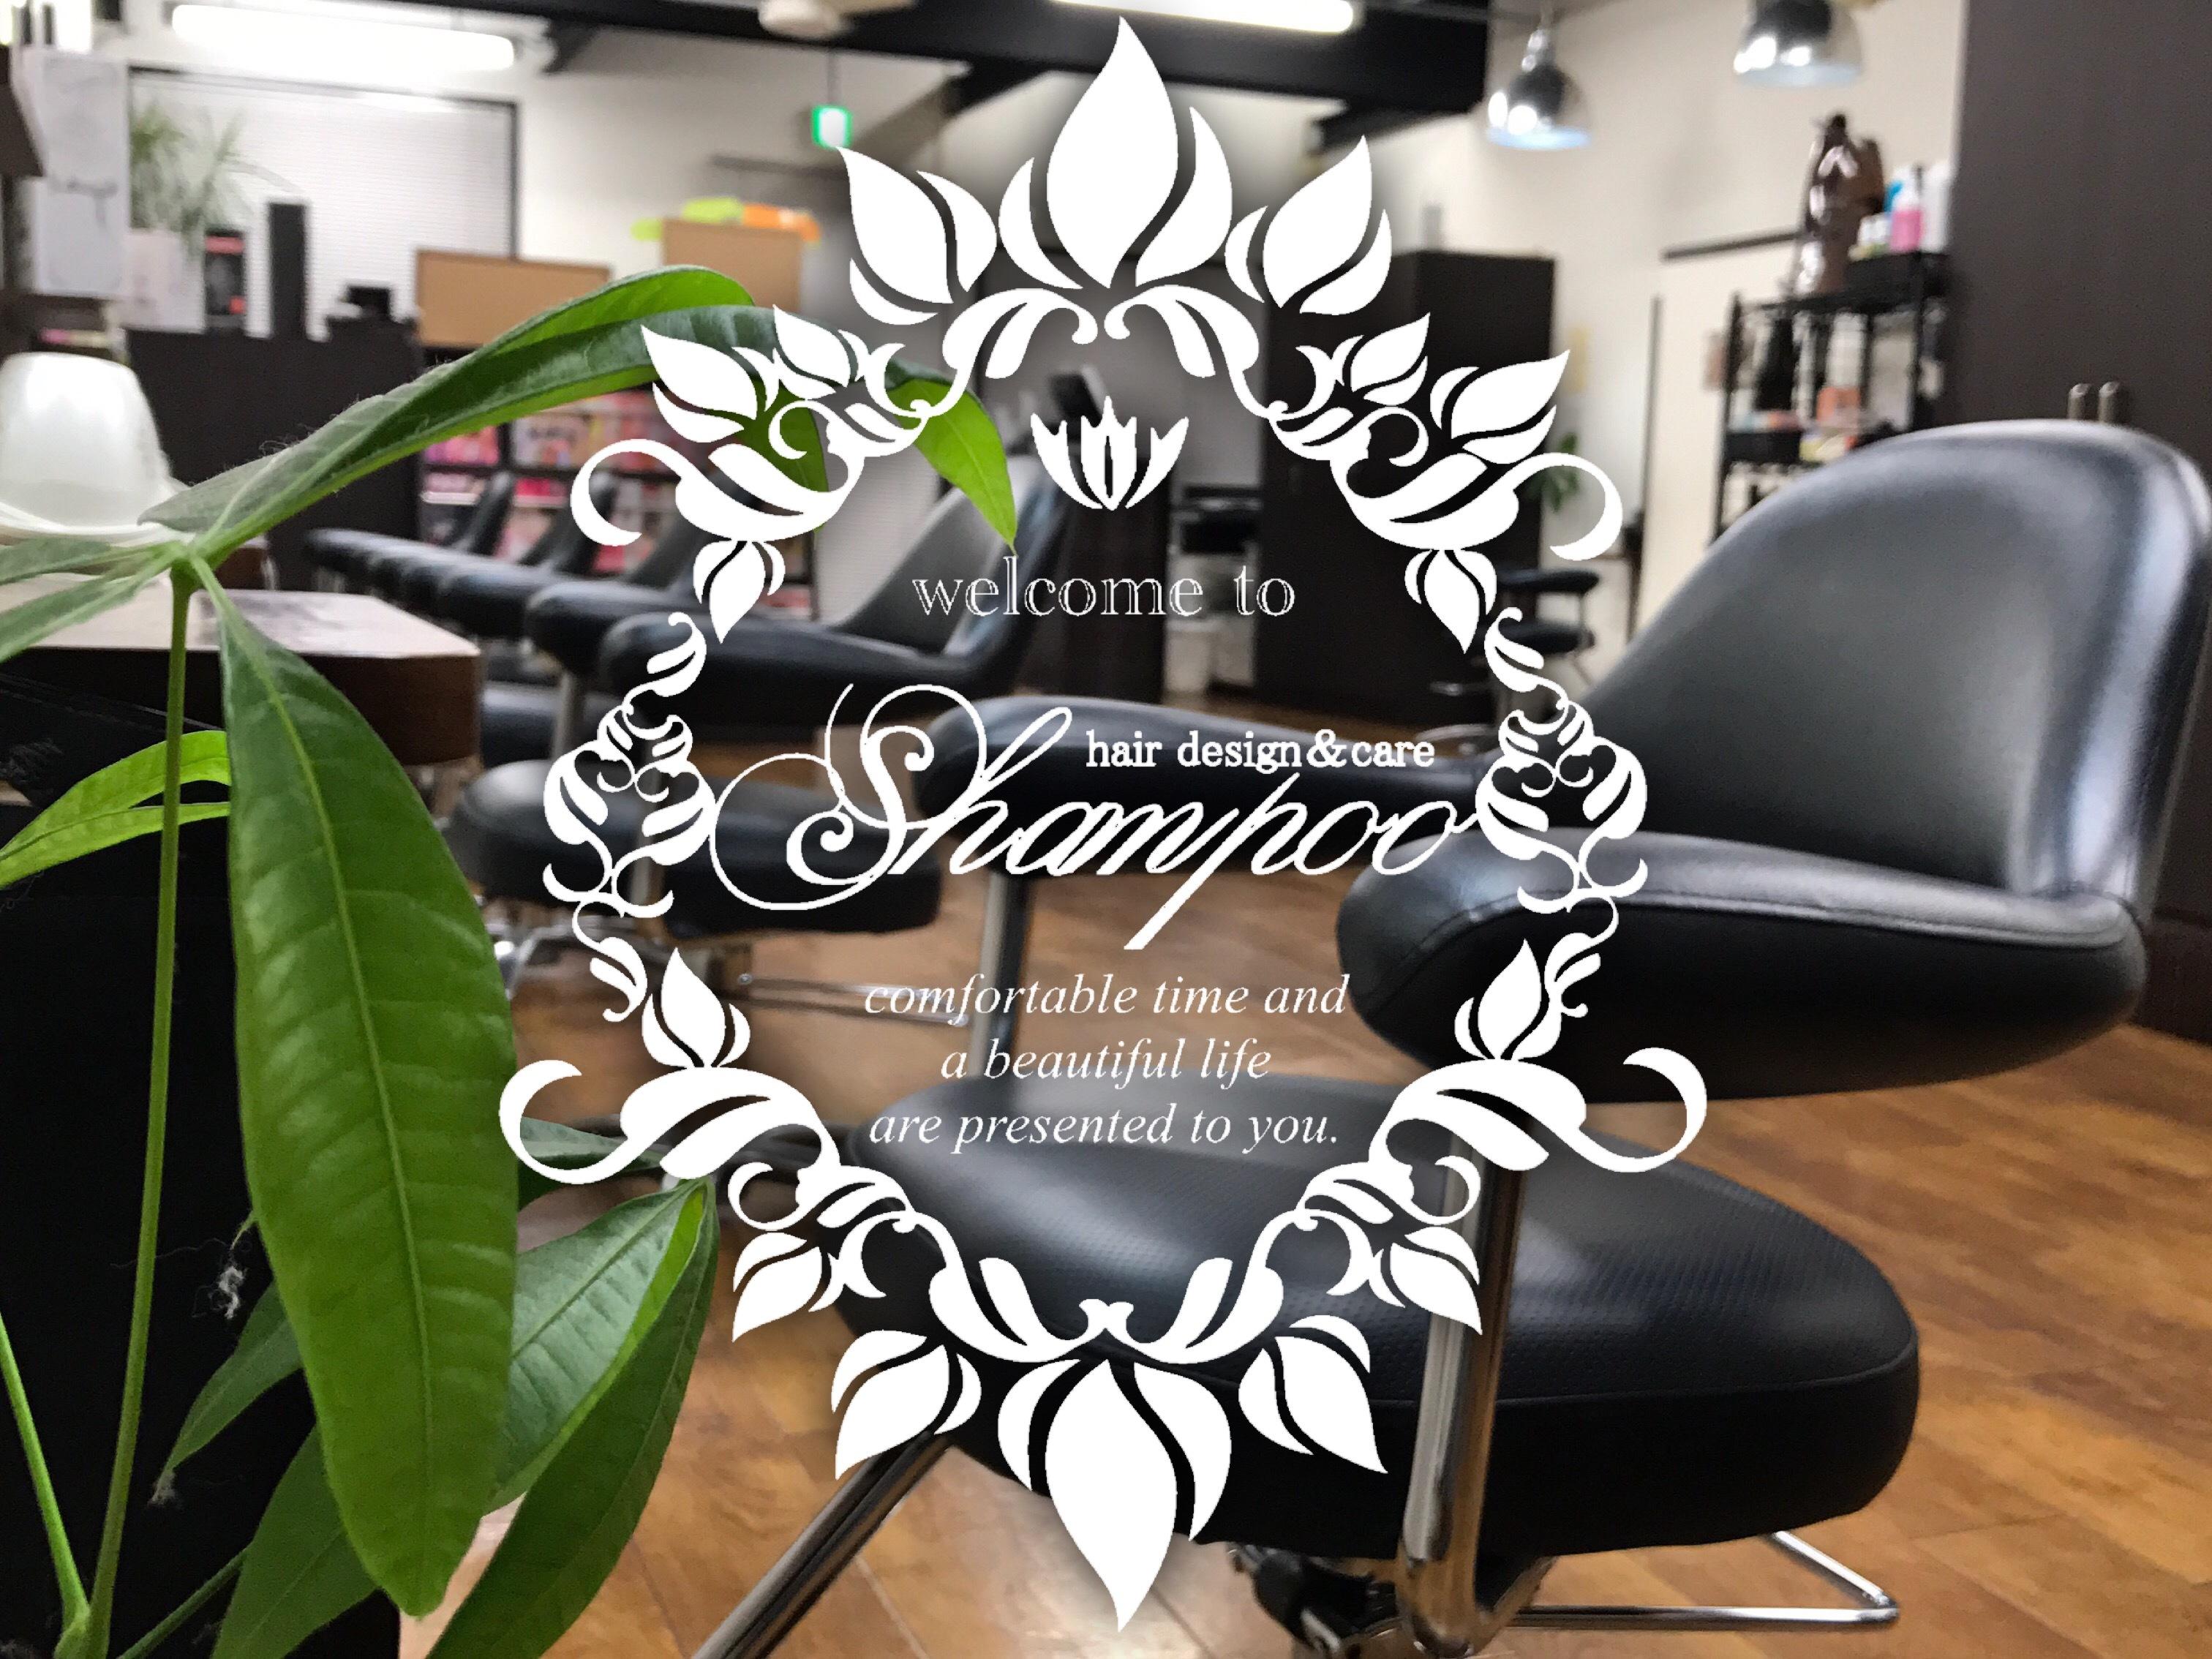 Shampooは、お客様とのお時間を大切にできるよう、完全予約制となっております。